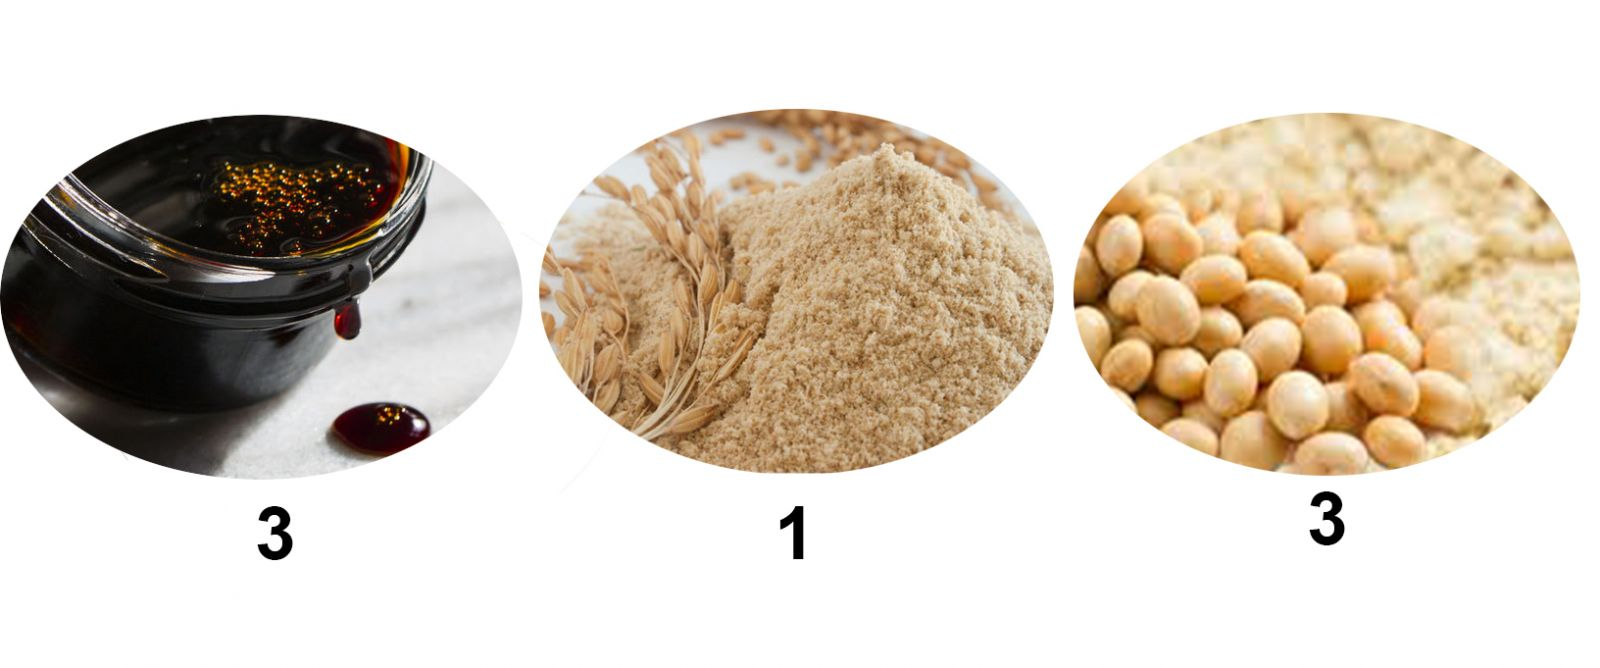 gây màu nước, phương pháp gây màu nước, gây màu nước nuôi tôm, nuôi tôm, kỹ thuật nuôi tôm